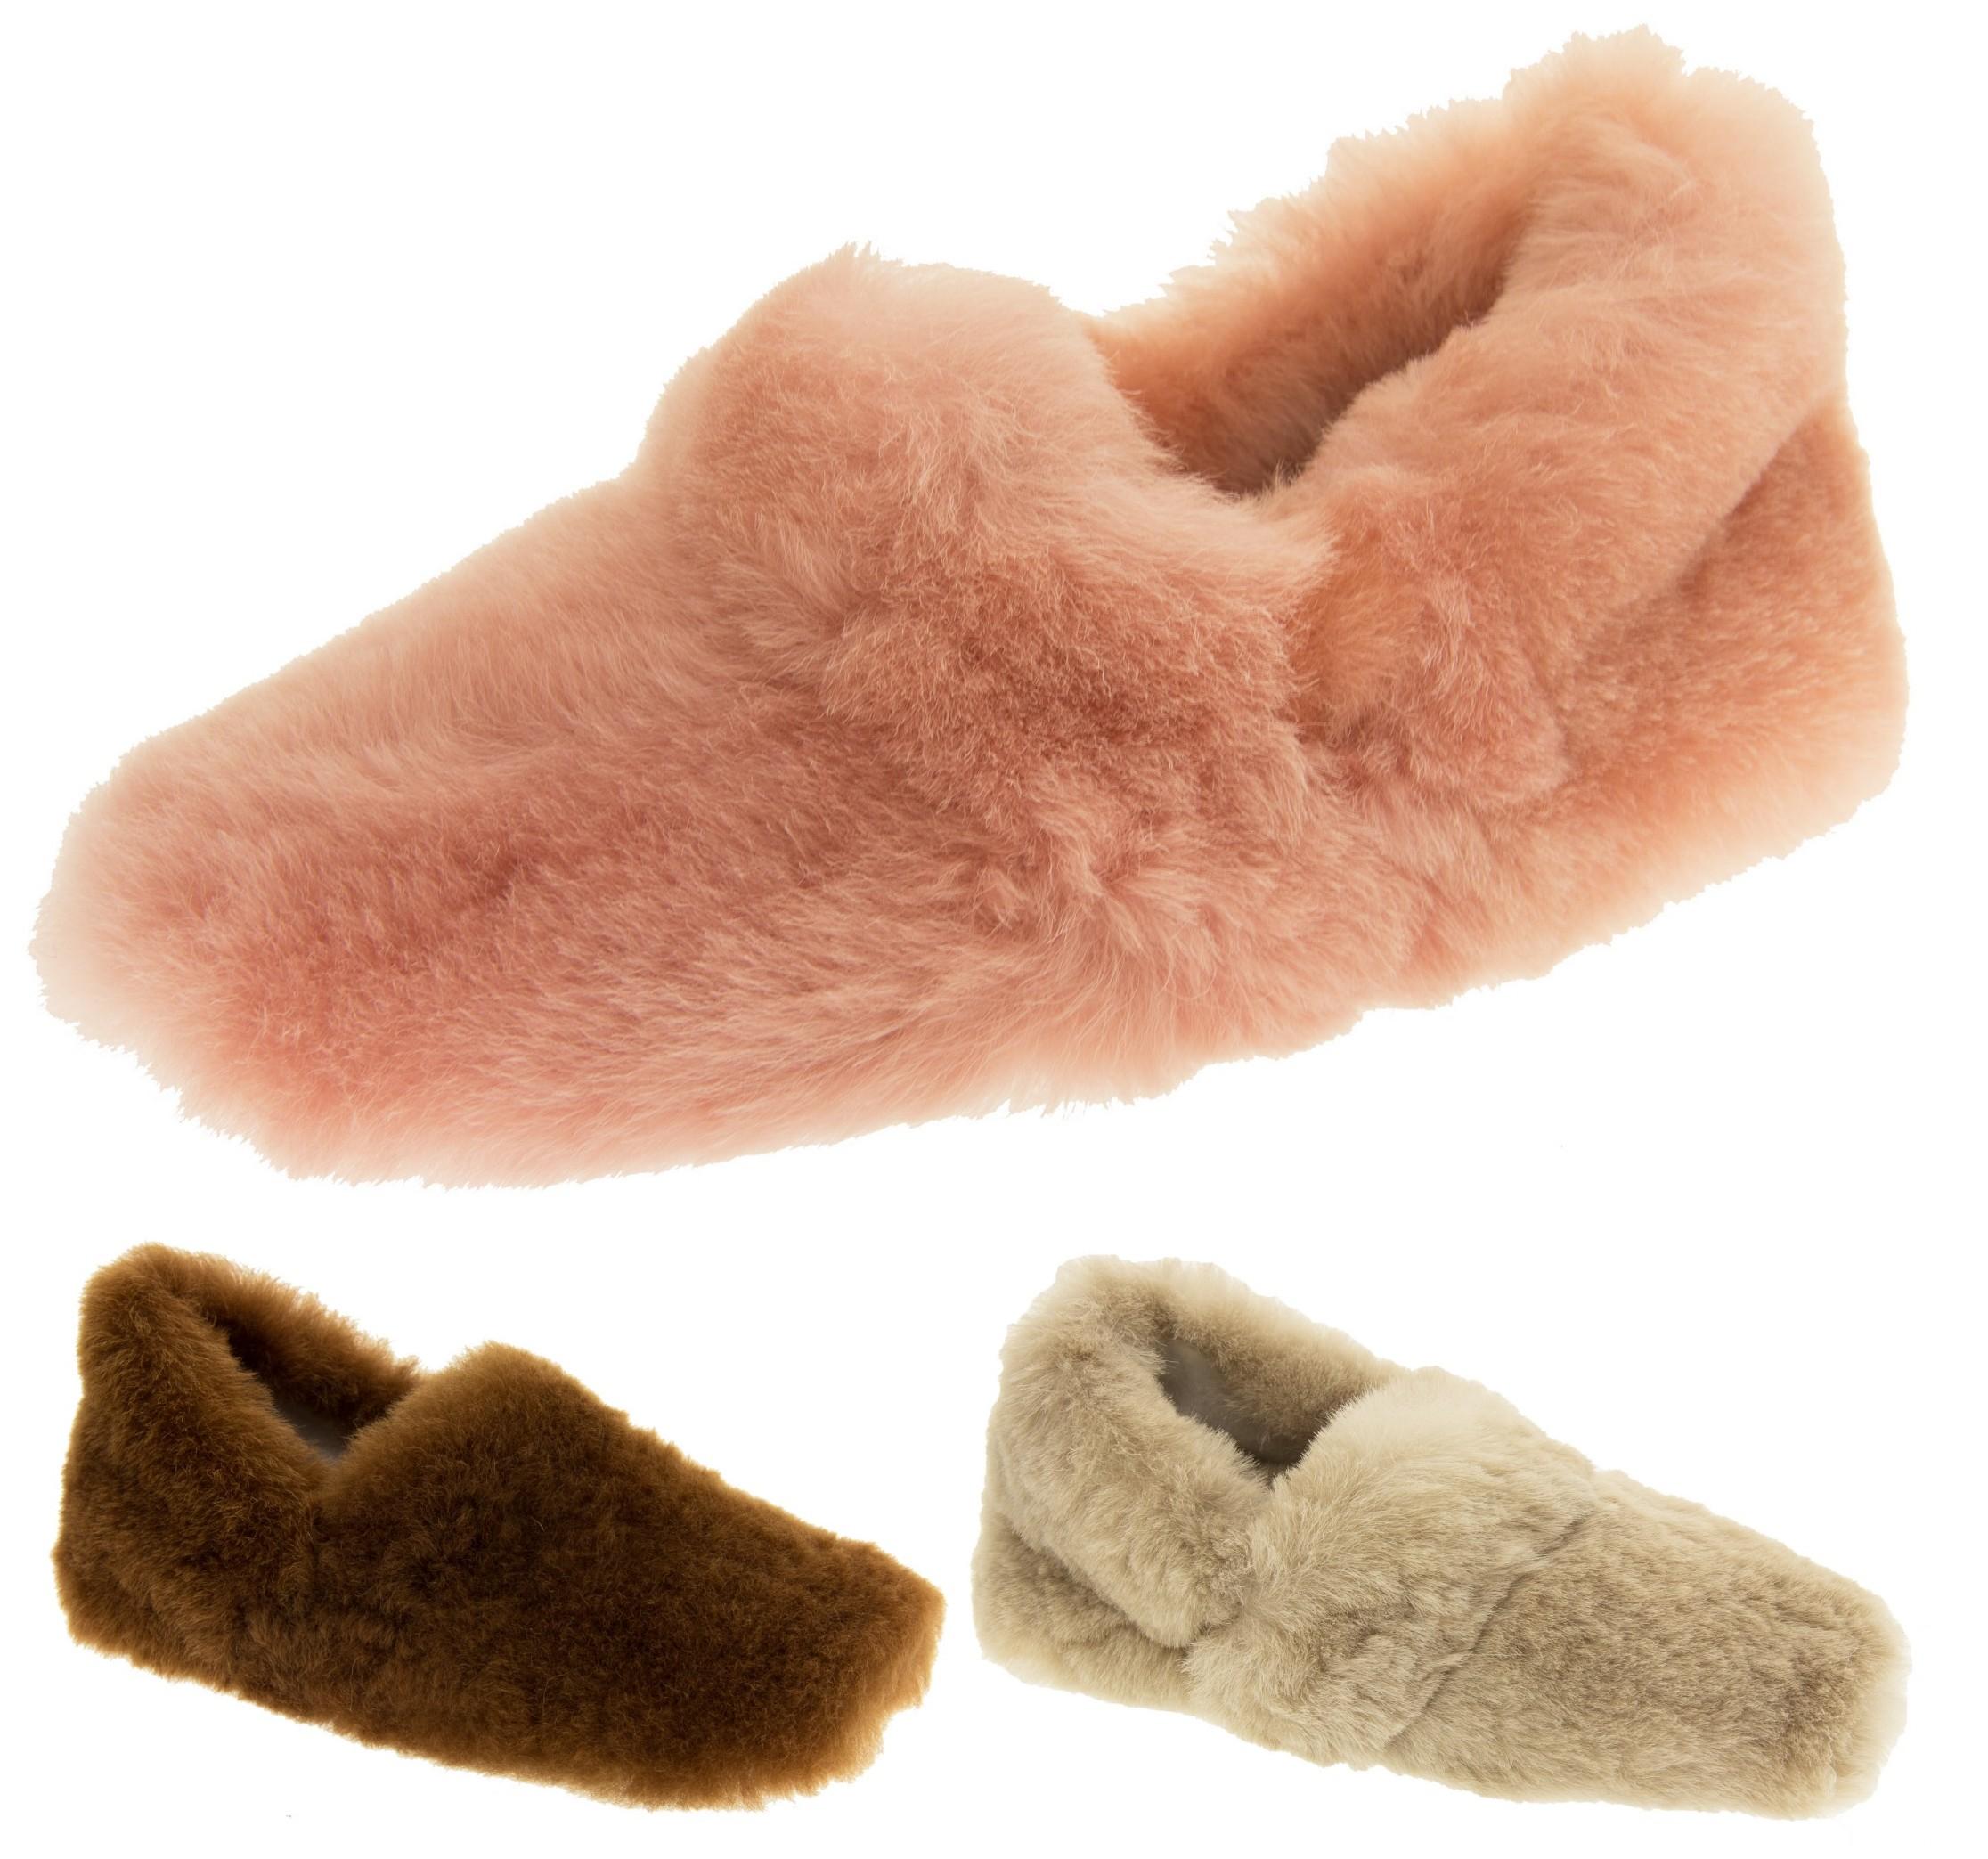 Somerset Footwear Ltd. Damen Echte Lammfell Hausschuhe Luxus Beige EU 38 Footwear Studio 7Tul8YQlo